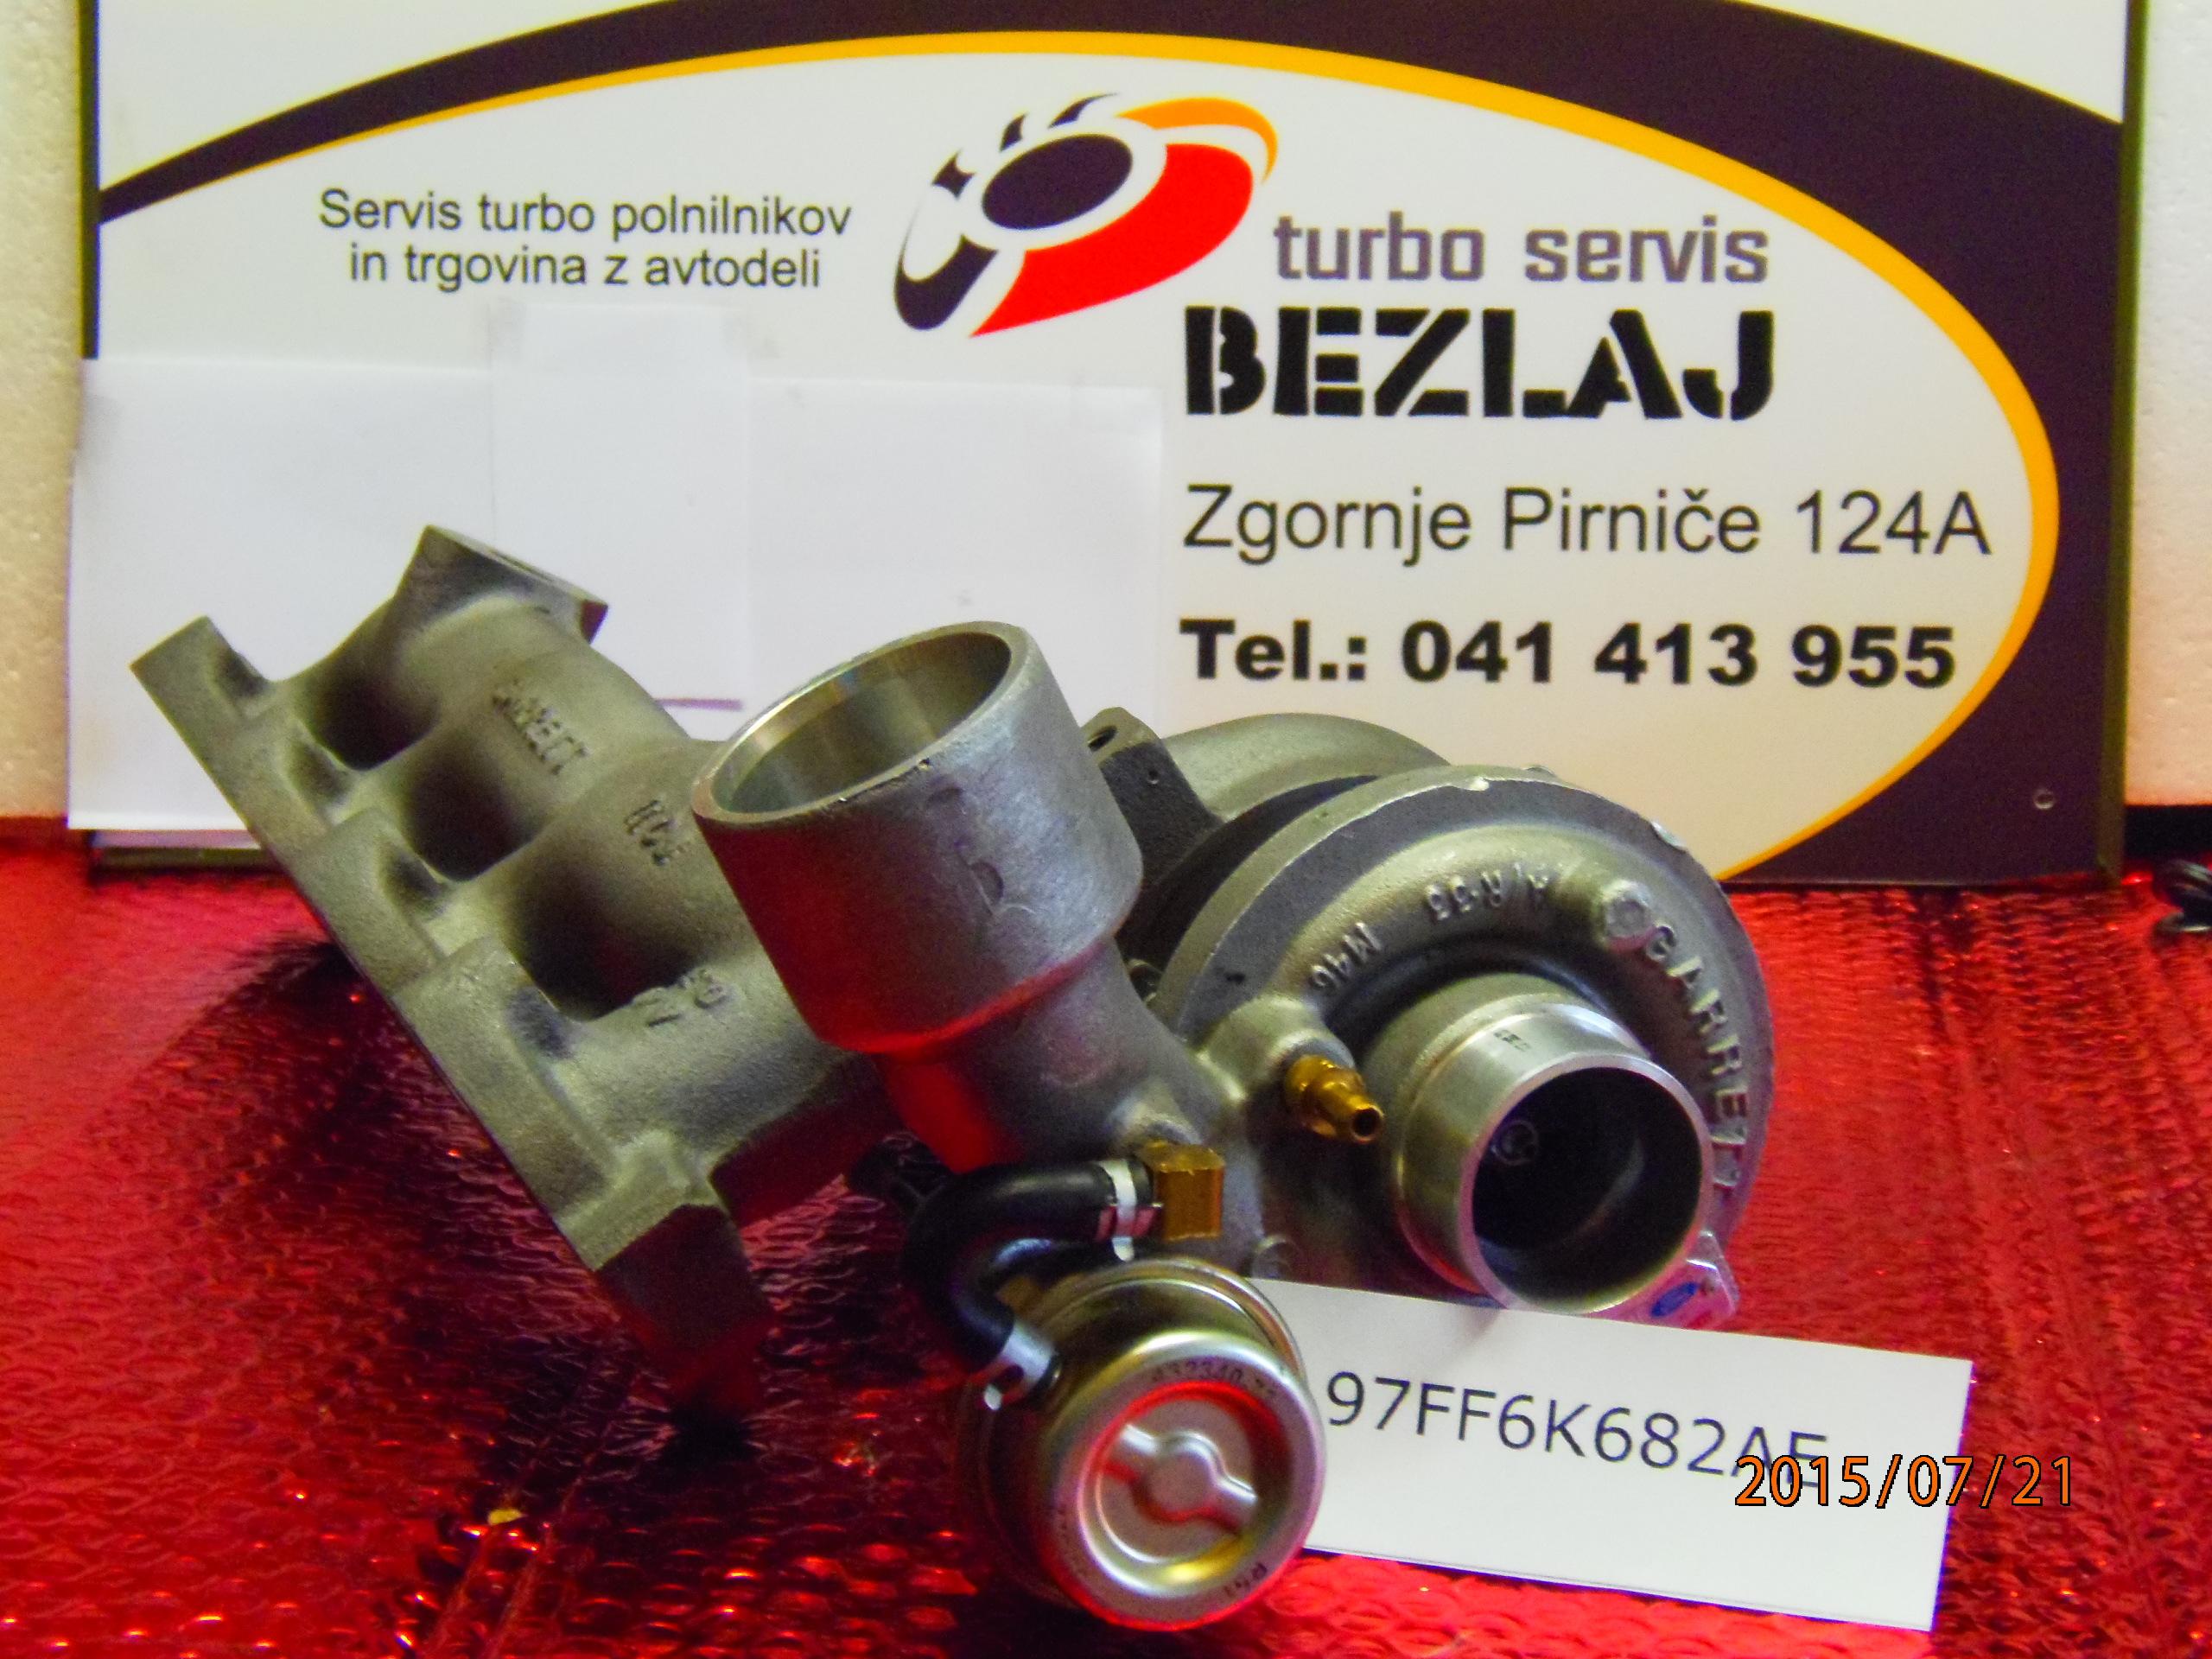 turbo97ff6k682ae (2)